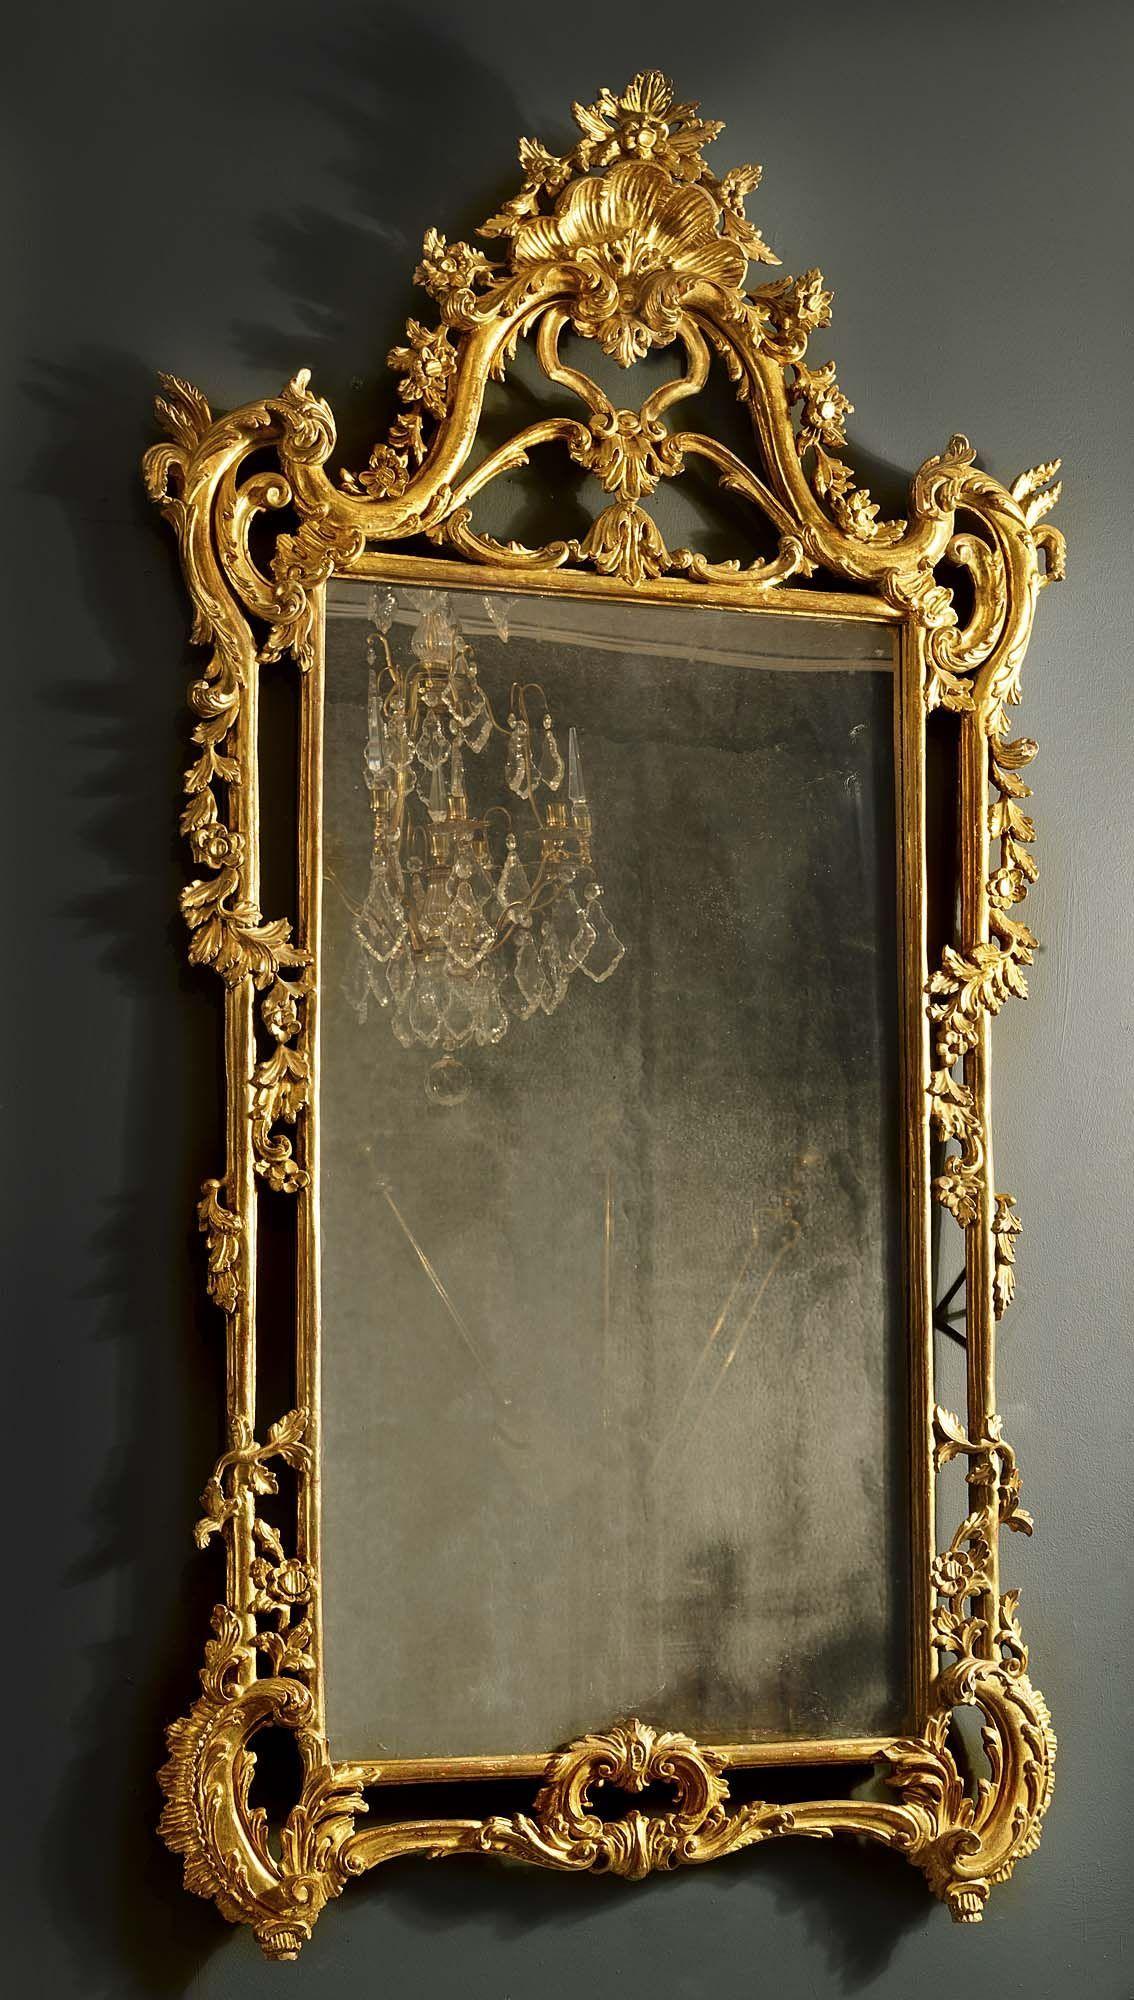 Mirror nel 2020 | Specchi antichi, Specchi, Cornici